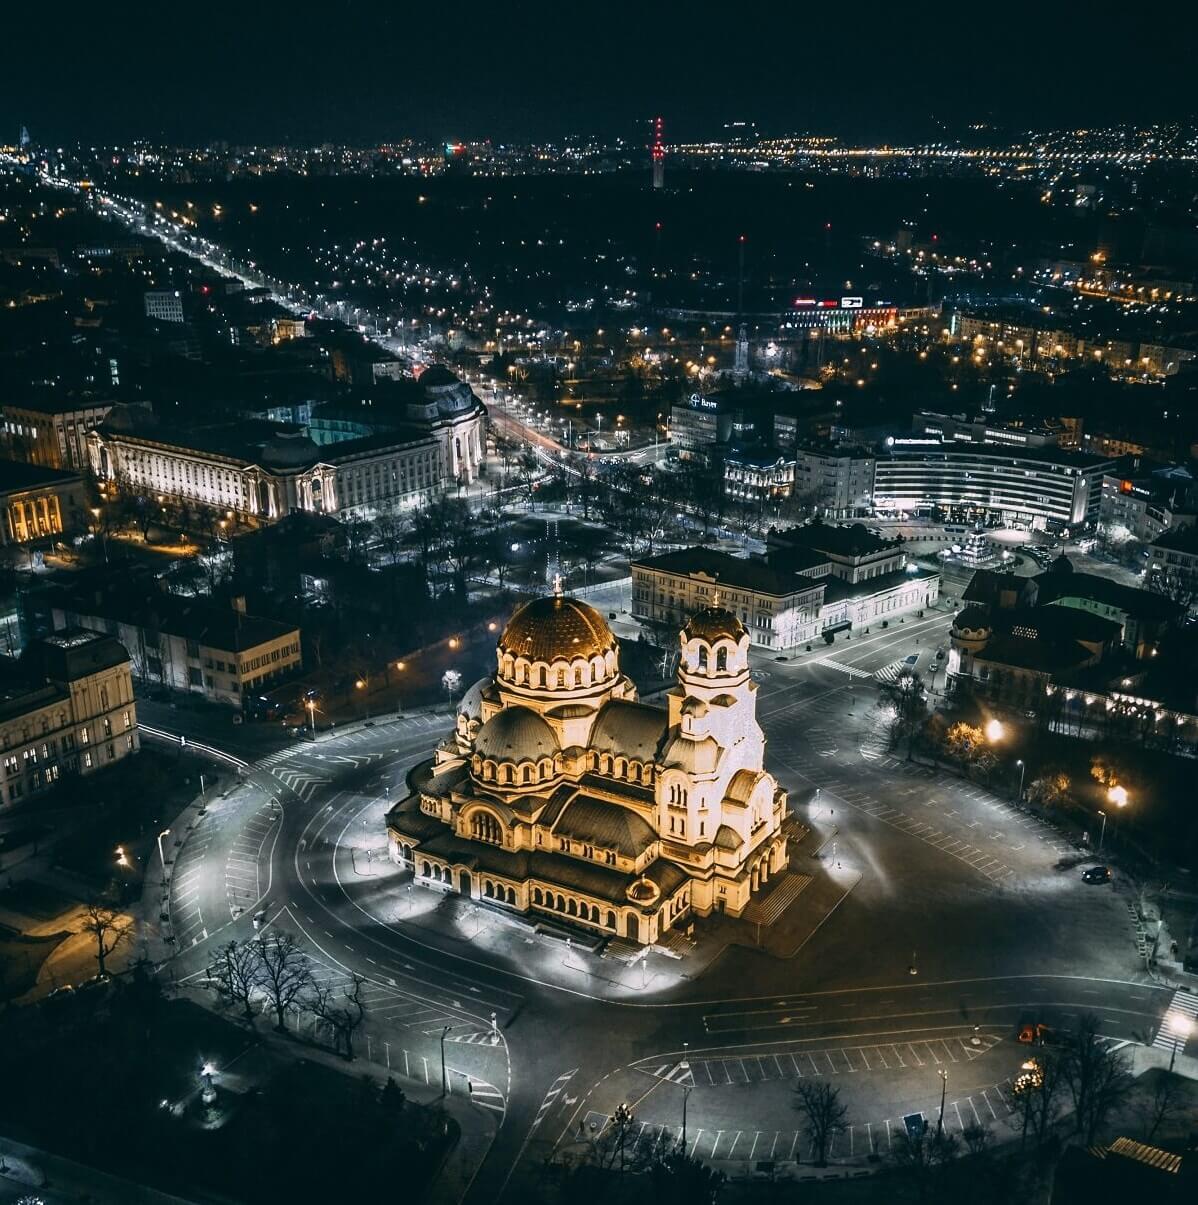 Szófia éjjeli látképe az Alexander Nevszki-székesegyházzal